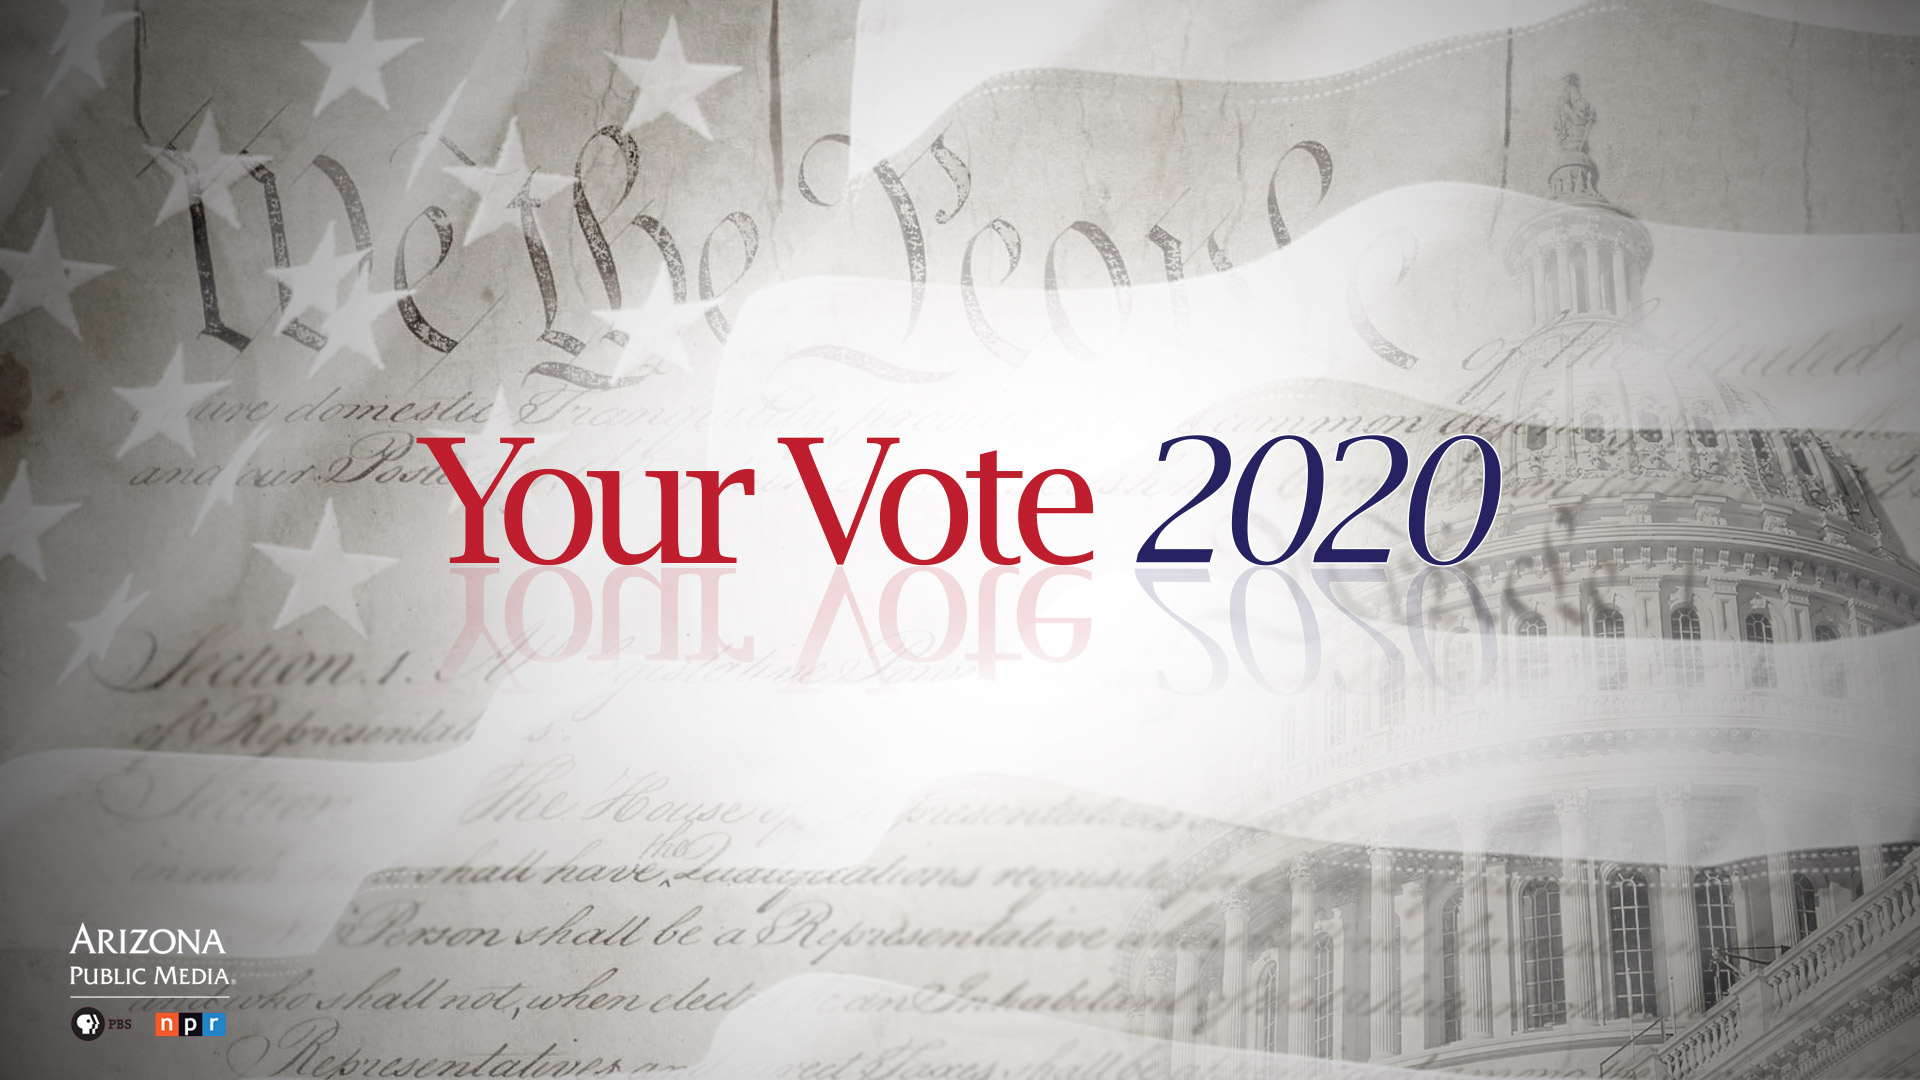 Your Vote 2020 OG